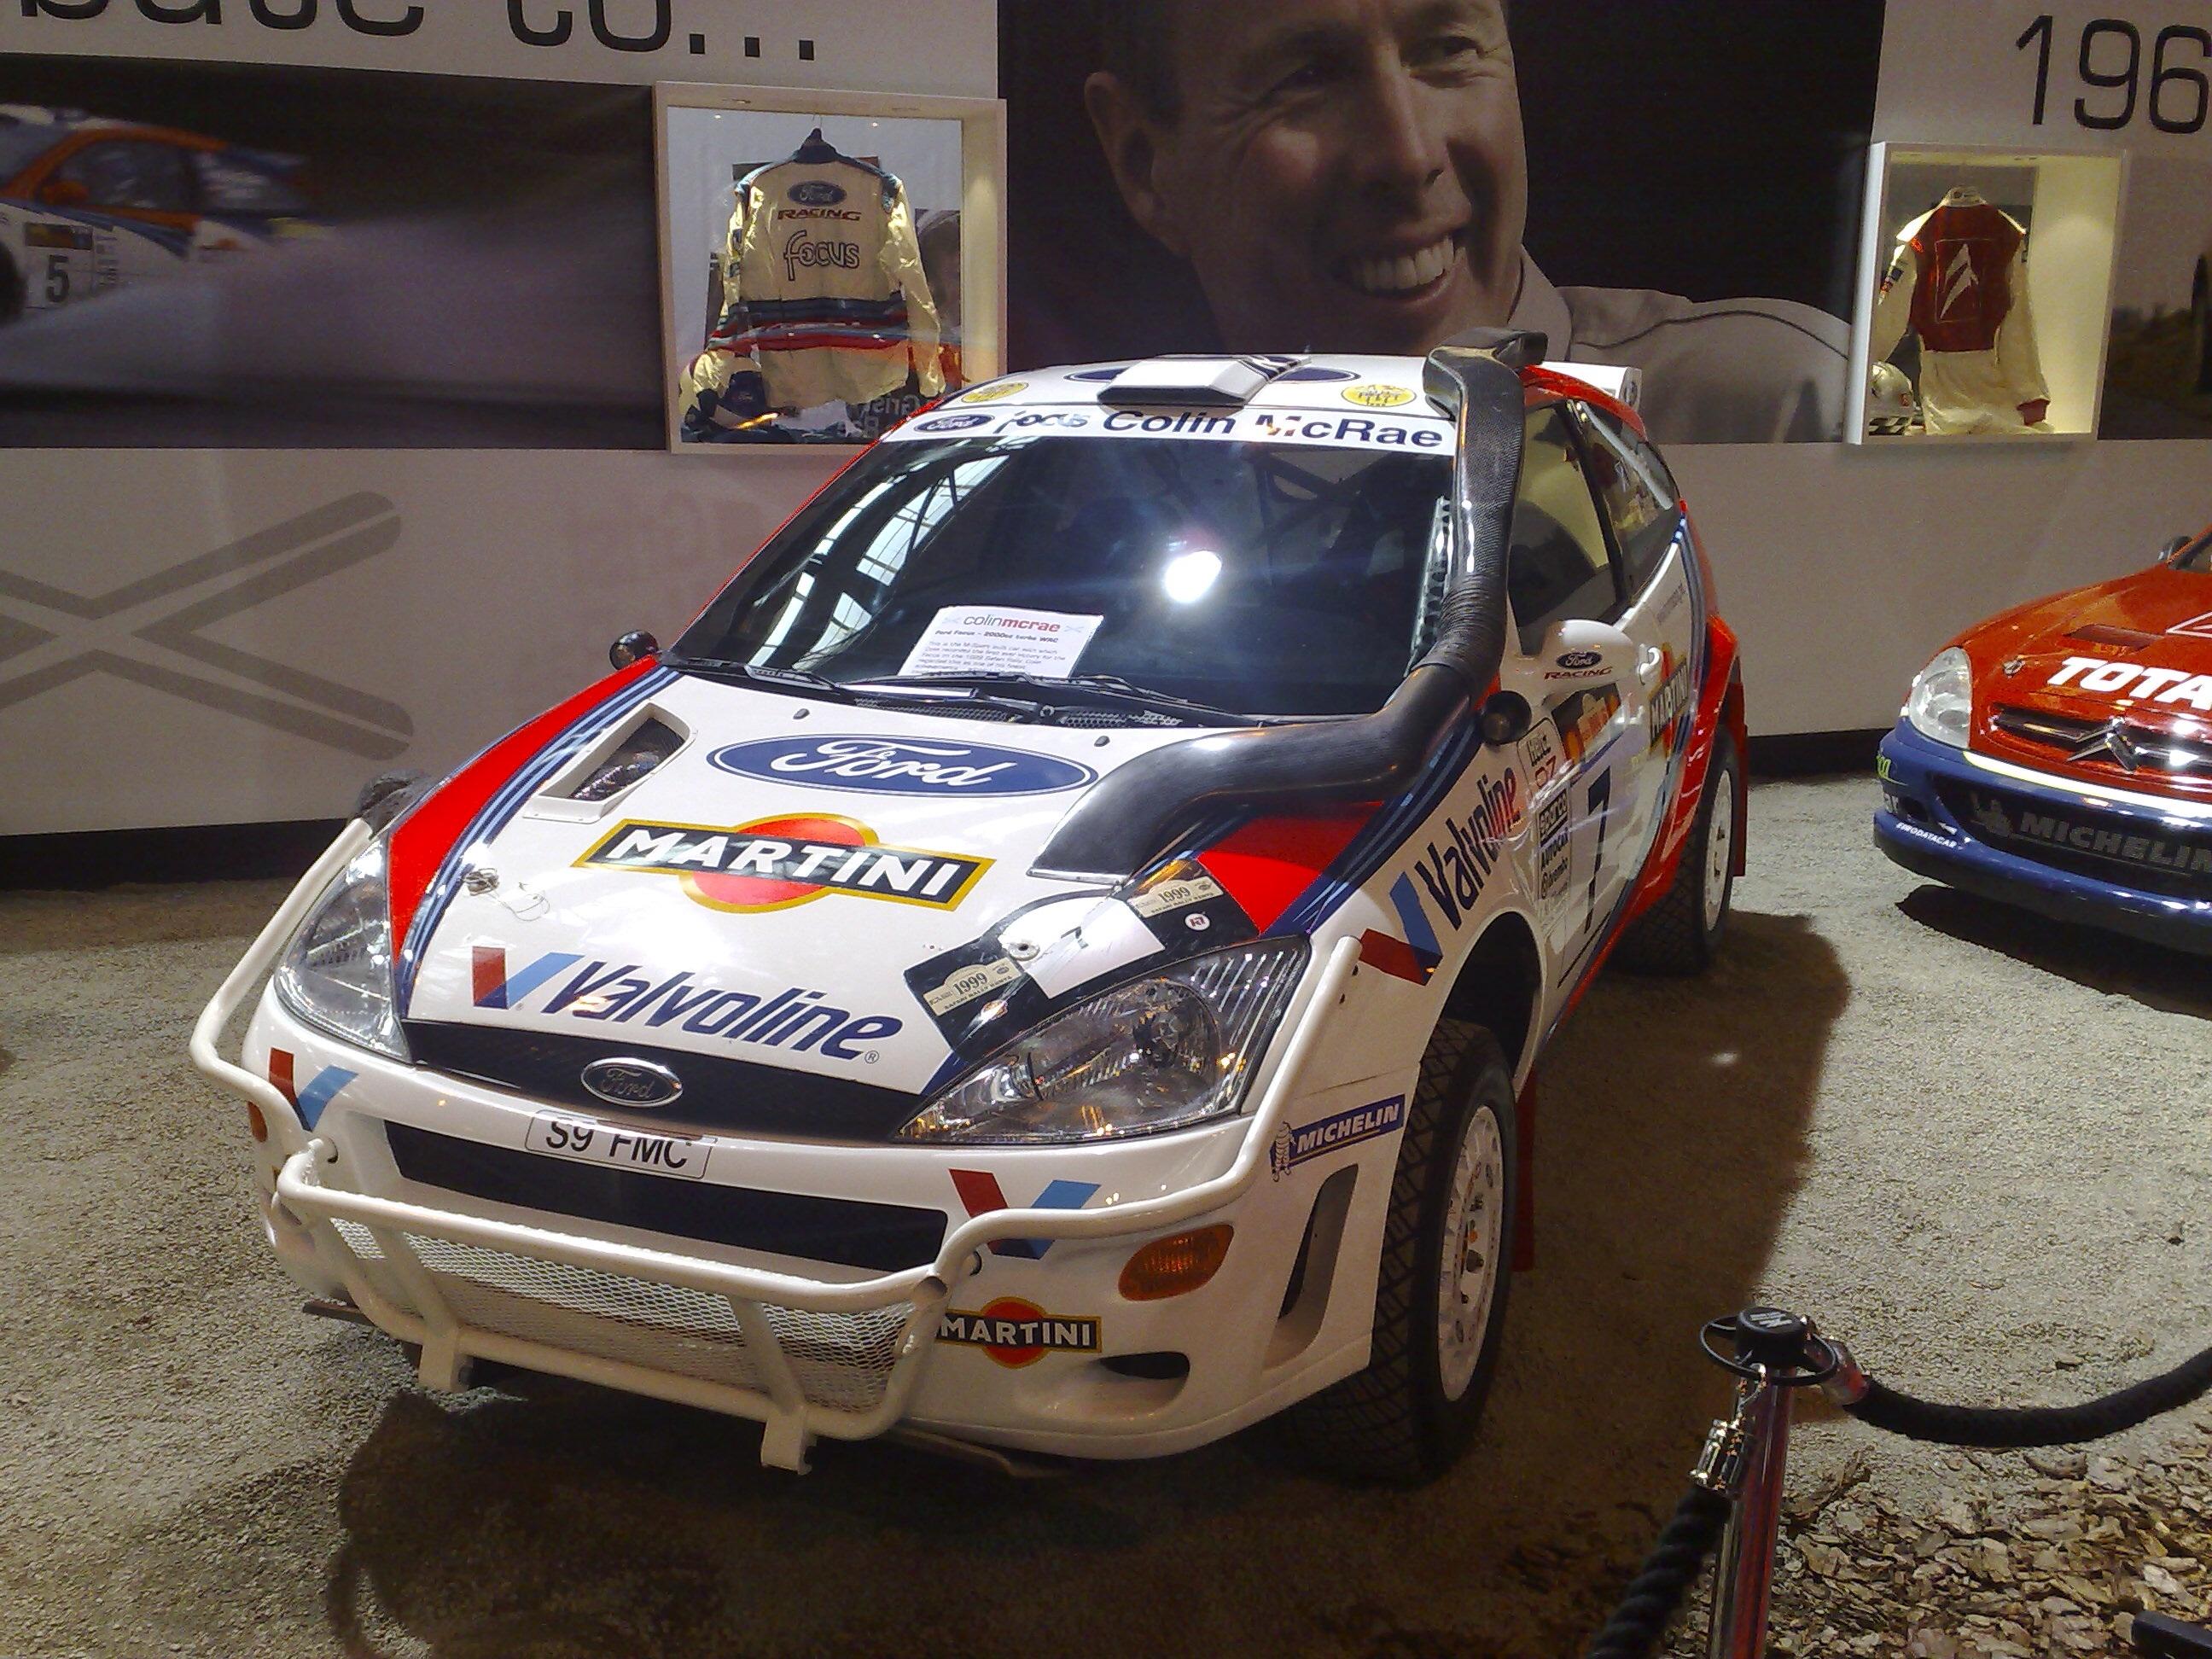 File:Colin McRae's Martini sponsored Ford Focus WRC ...